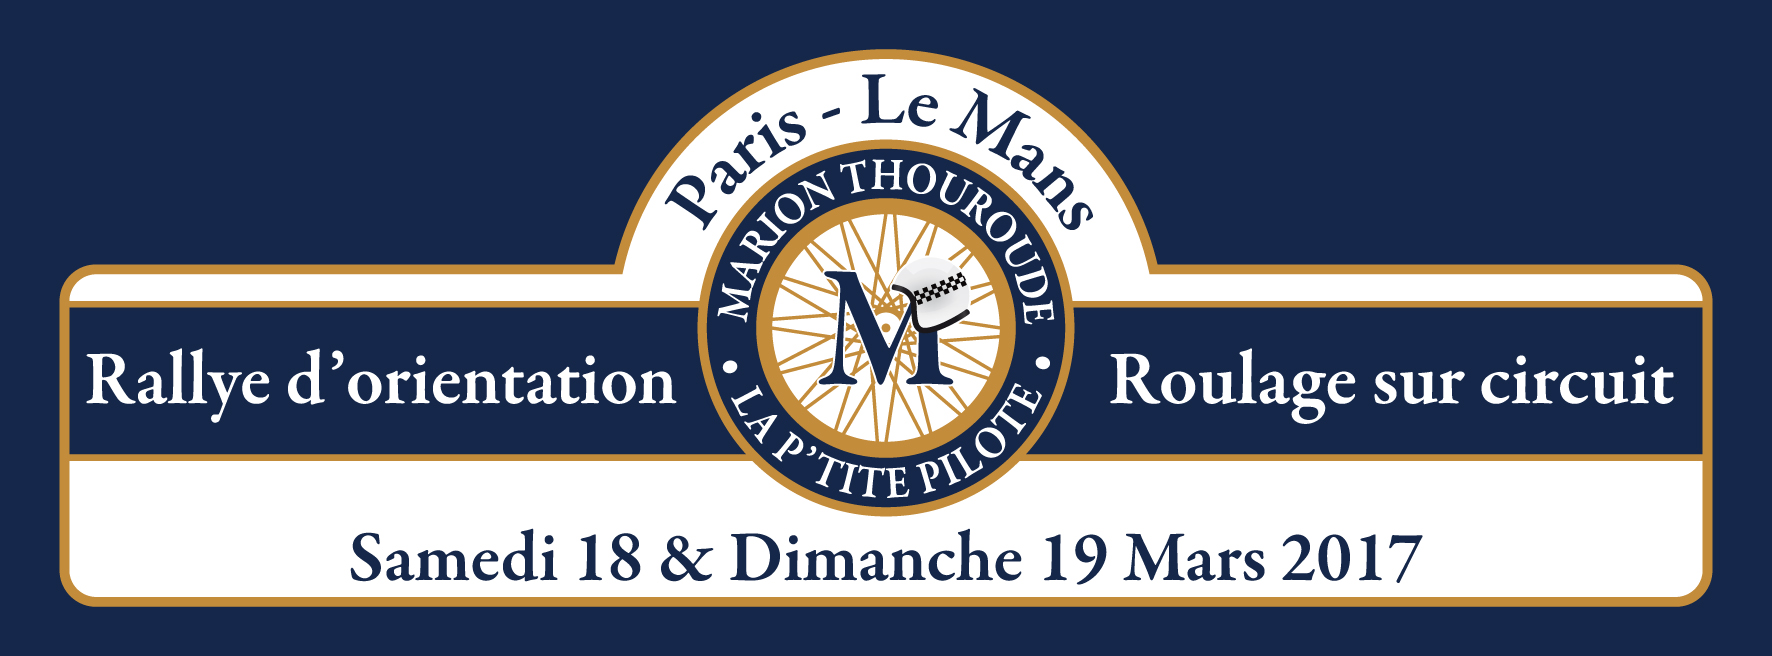 Rallye Paris - Le Mans La P'tite Pilote